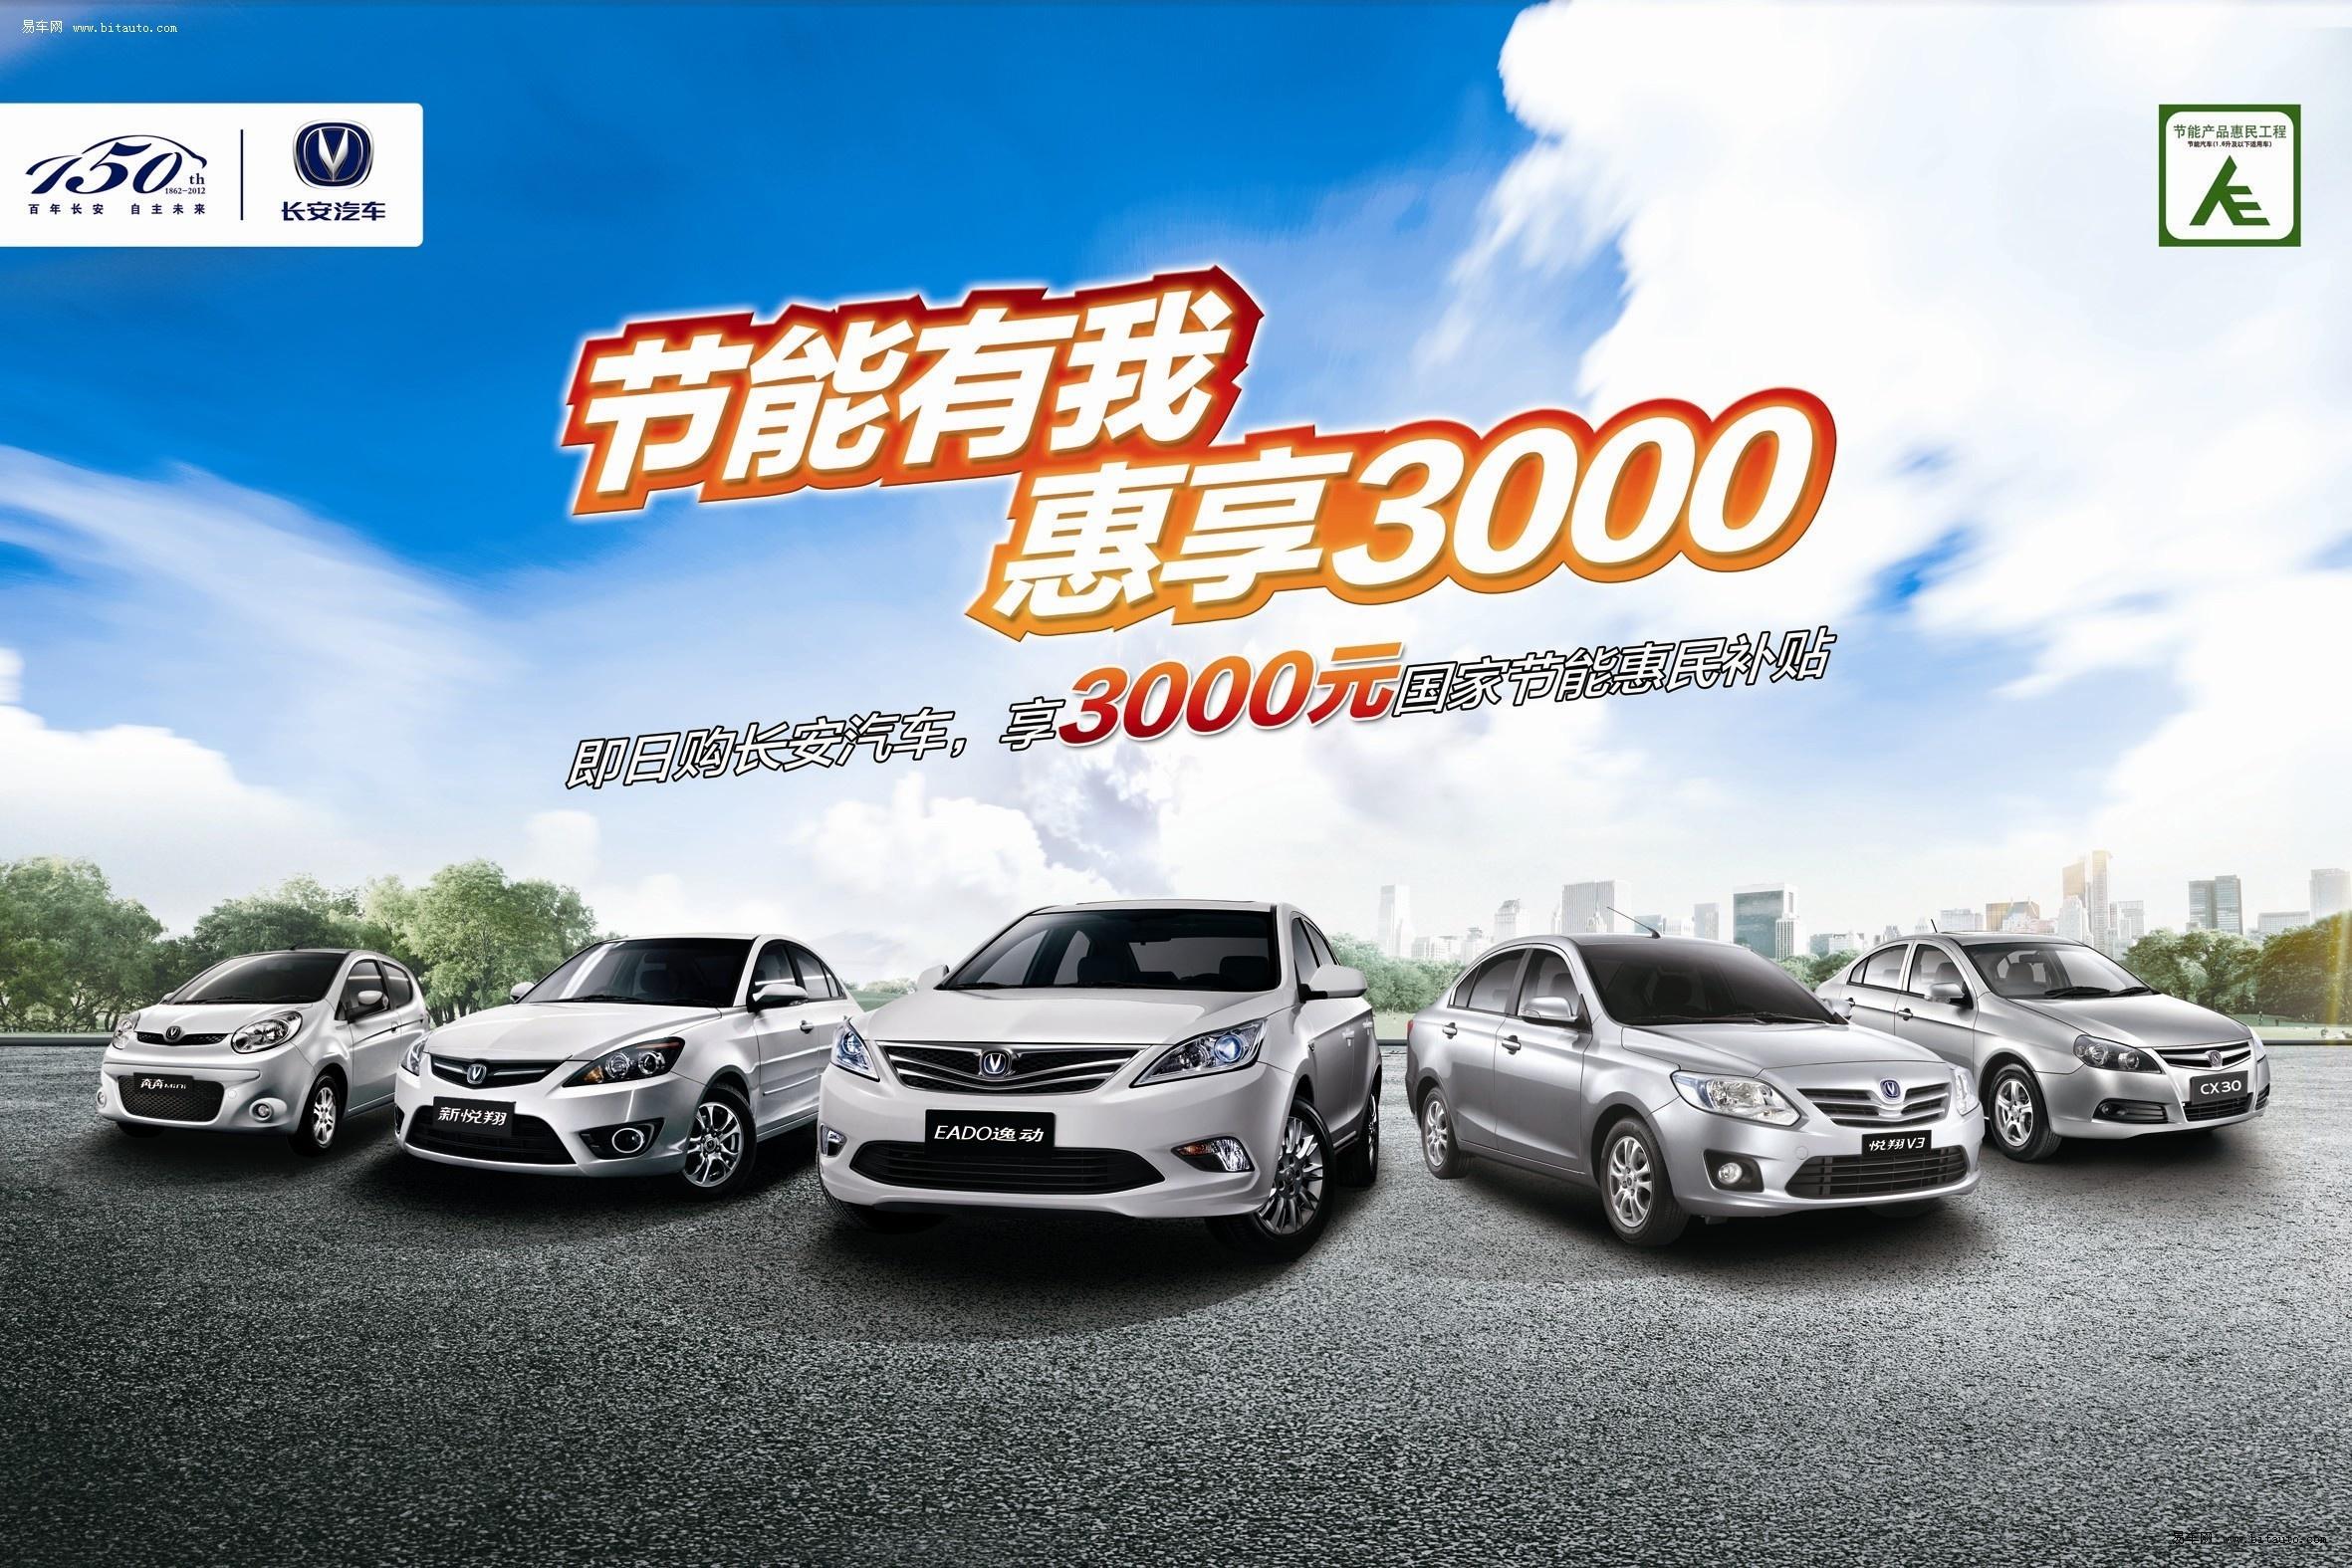 2012首届桂林车模赛 长安汽车闪耀登场 长安轿车浓情金秋 高清图片